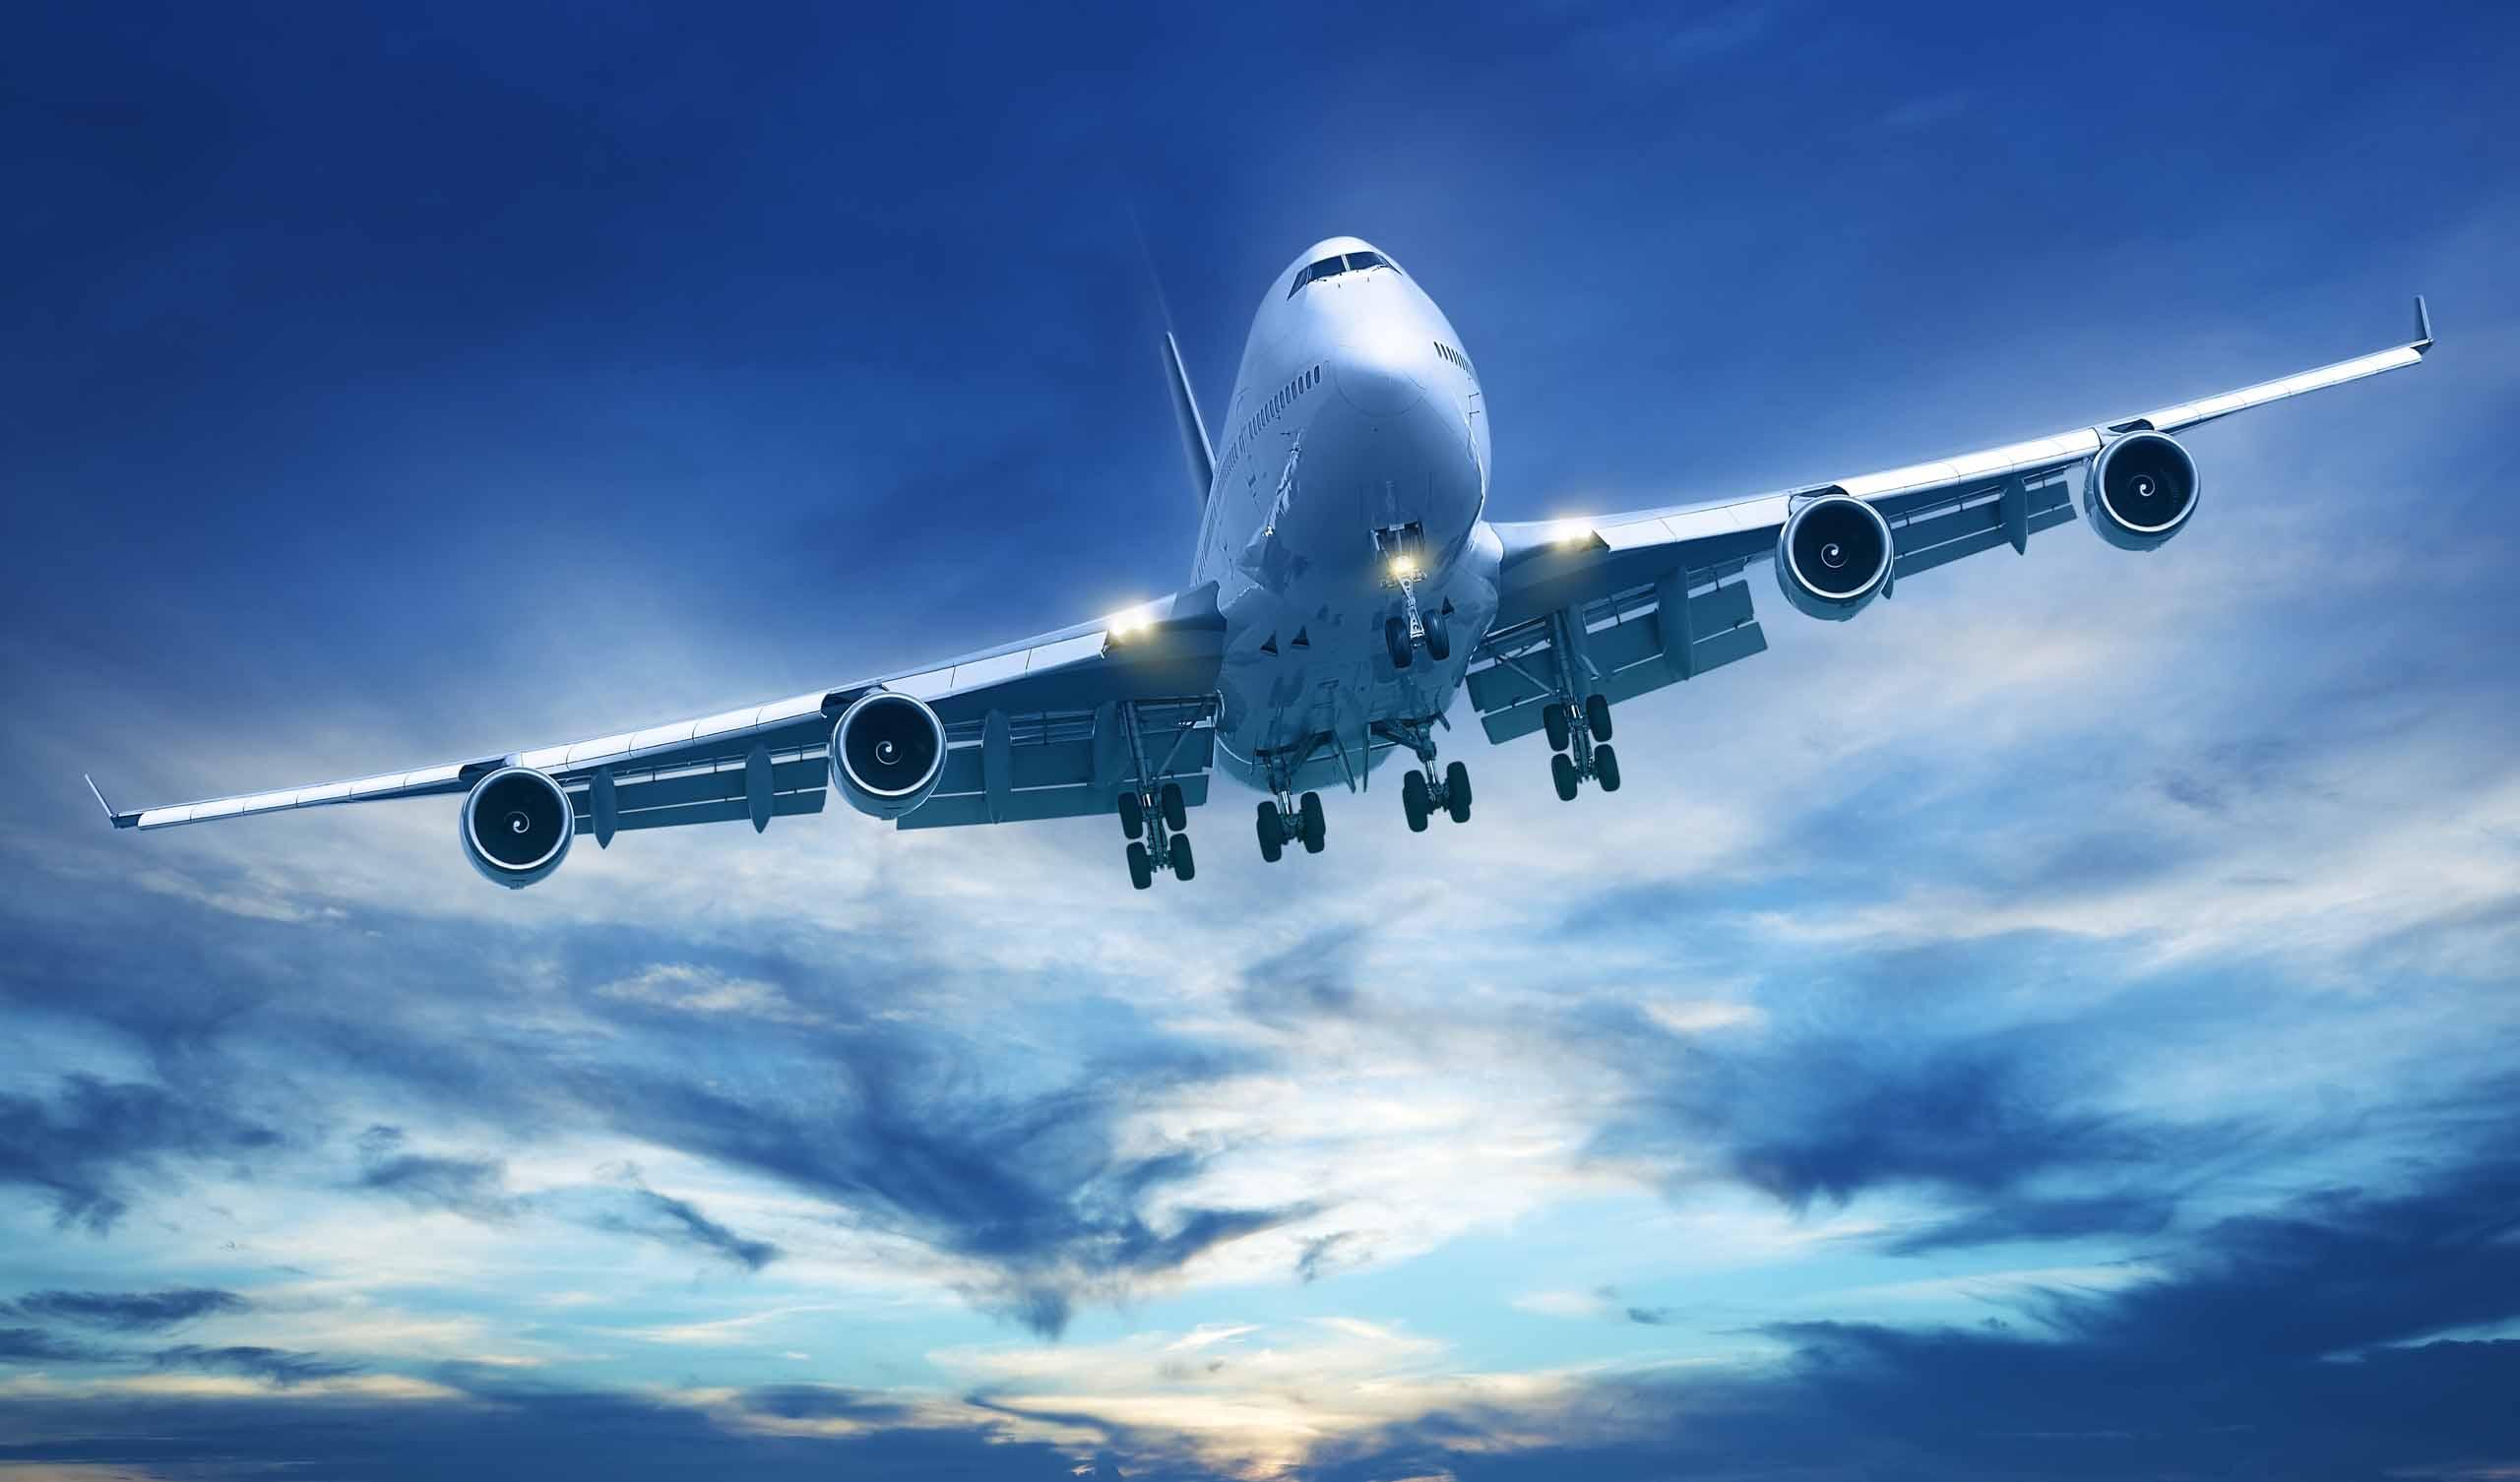 پروازهای عراق پس از چهار ماه از سر گرفته شد